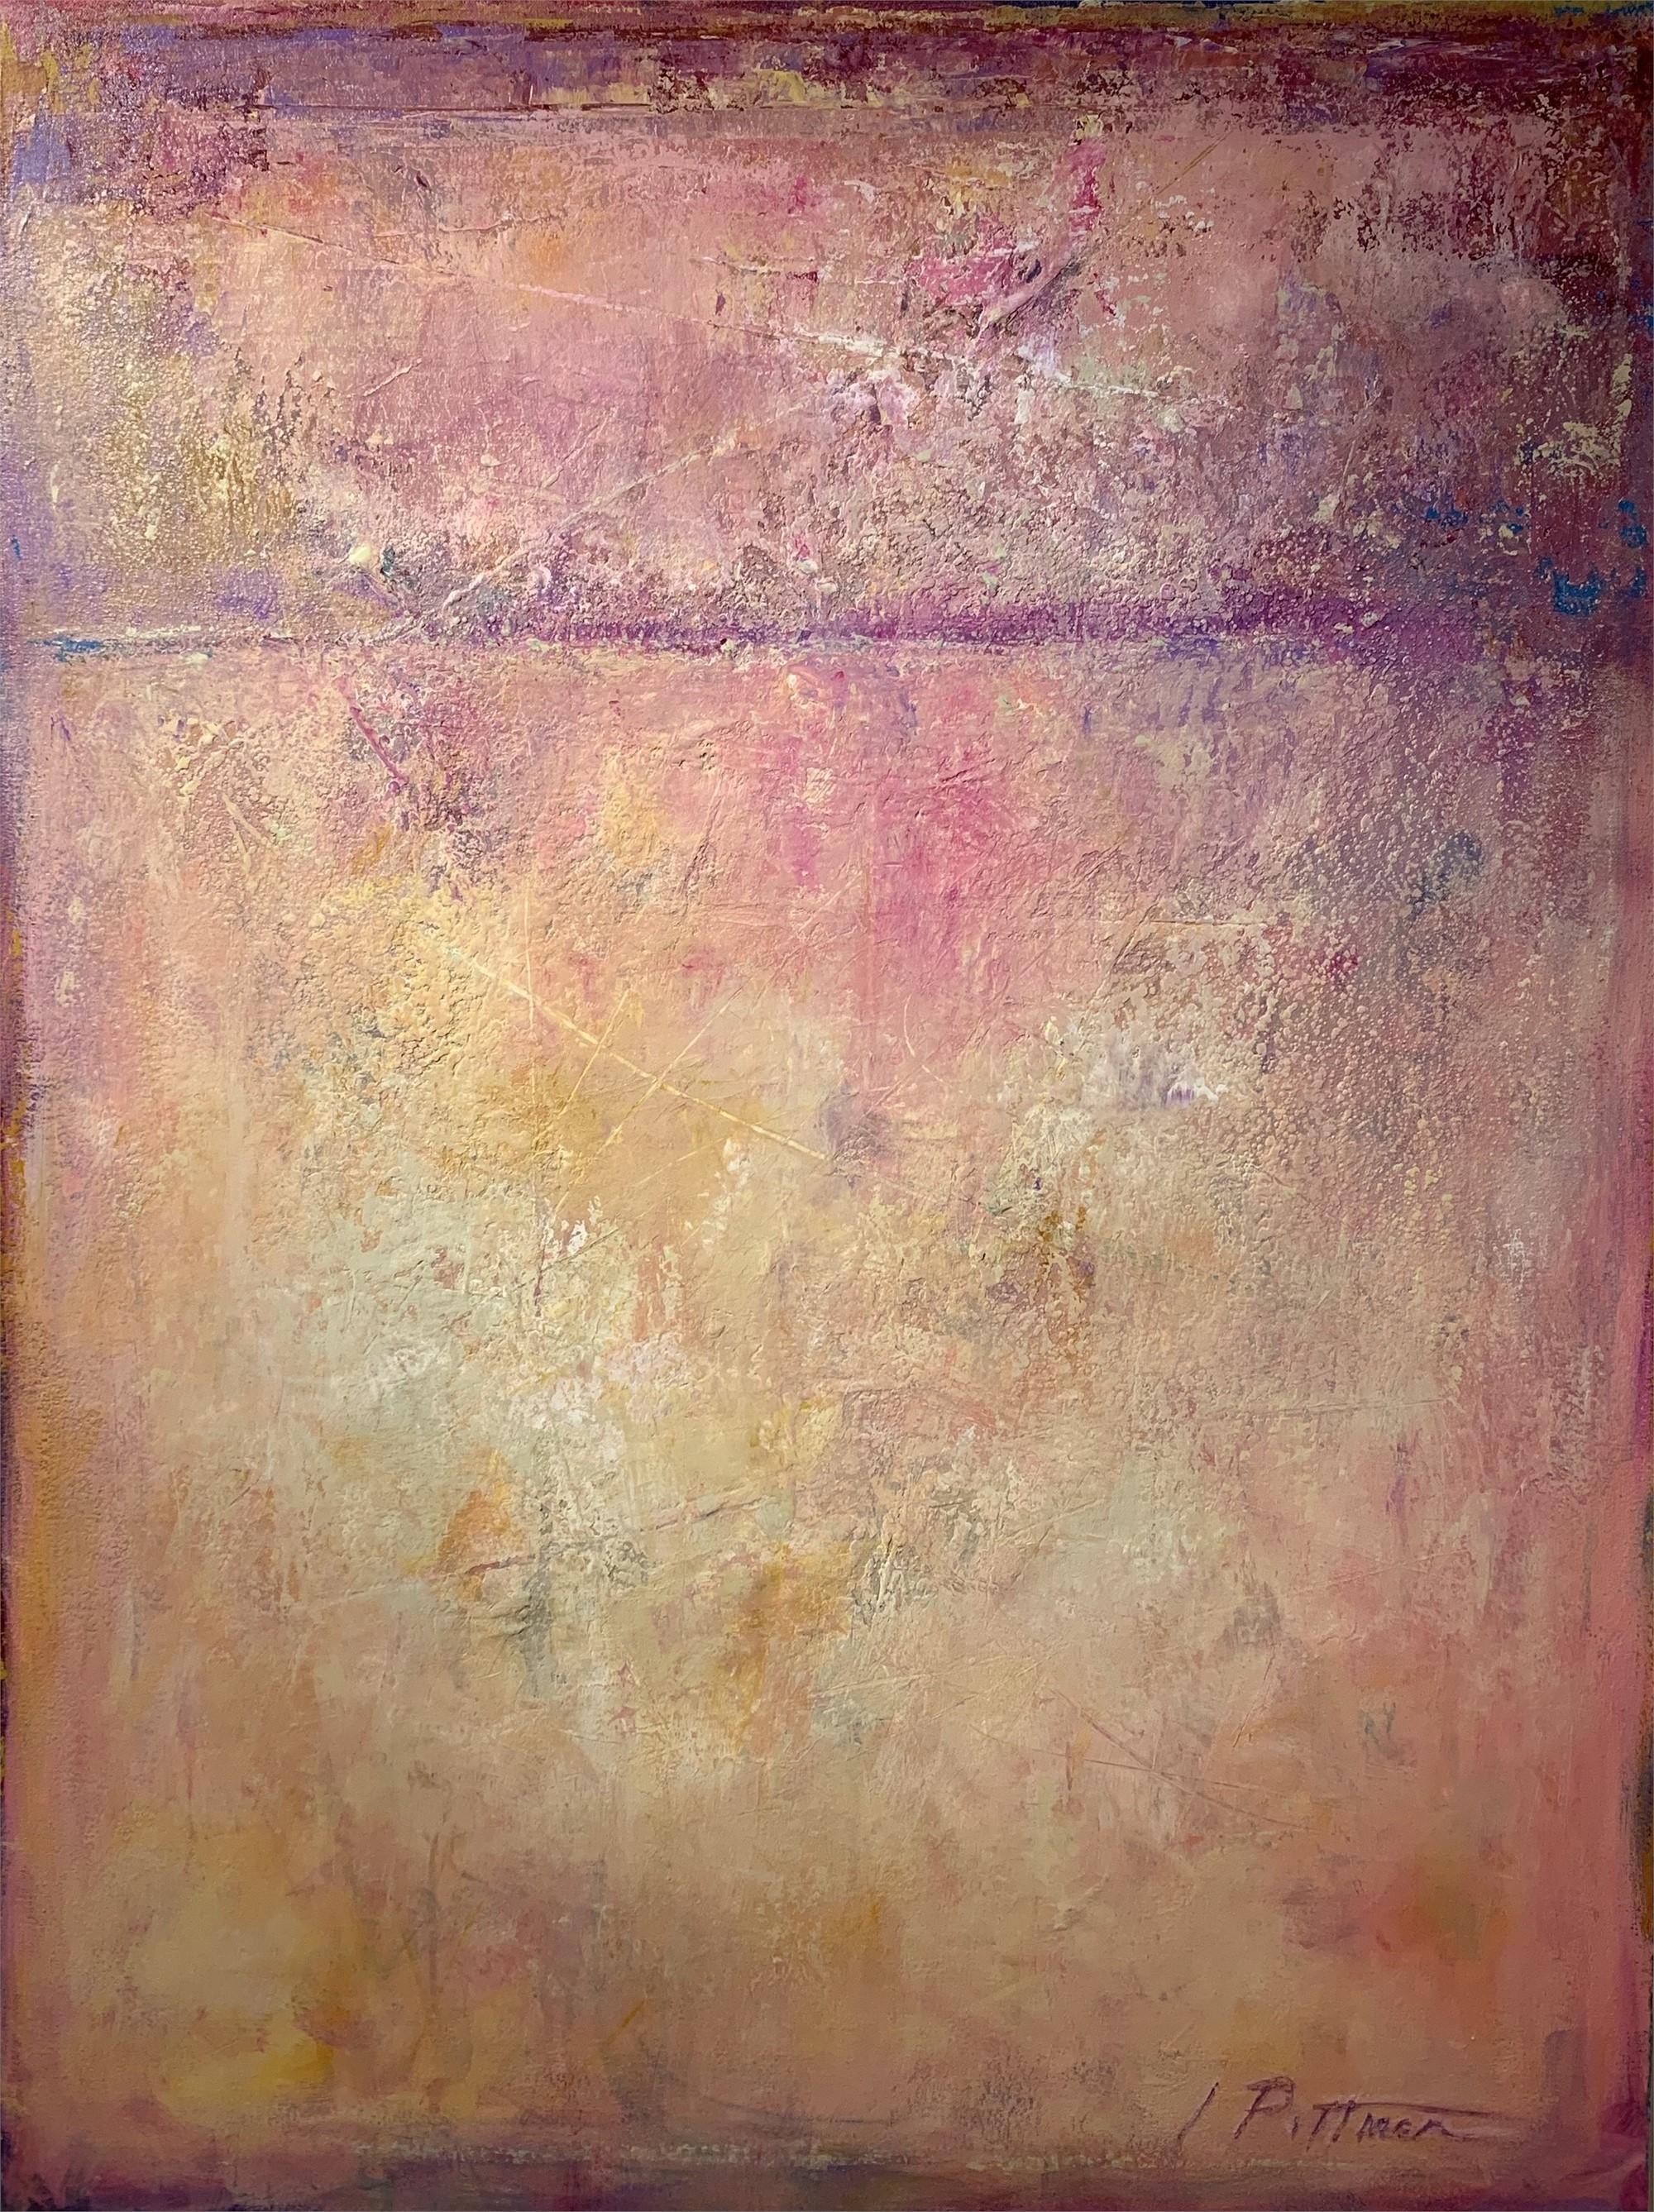 Azalea Garden by Jim Pittman